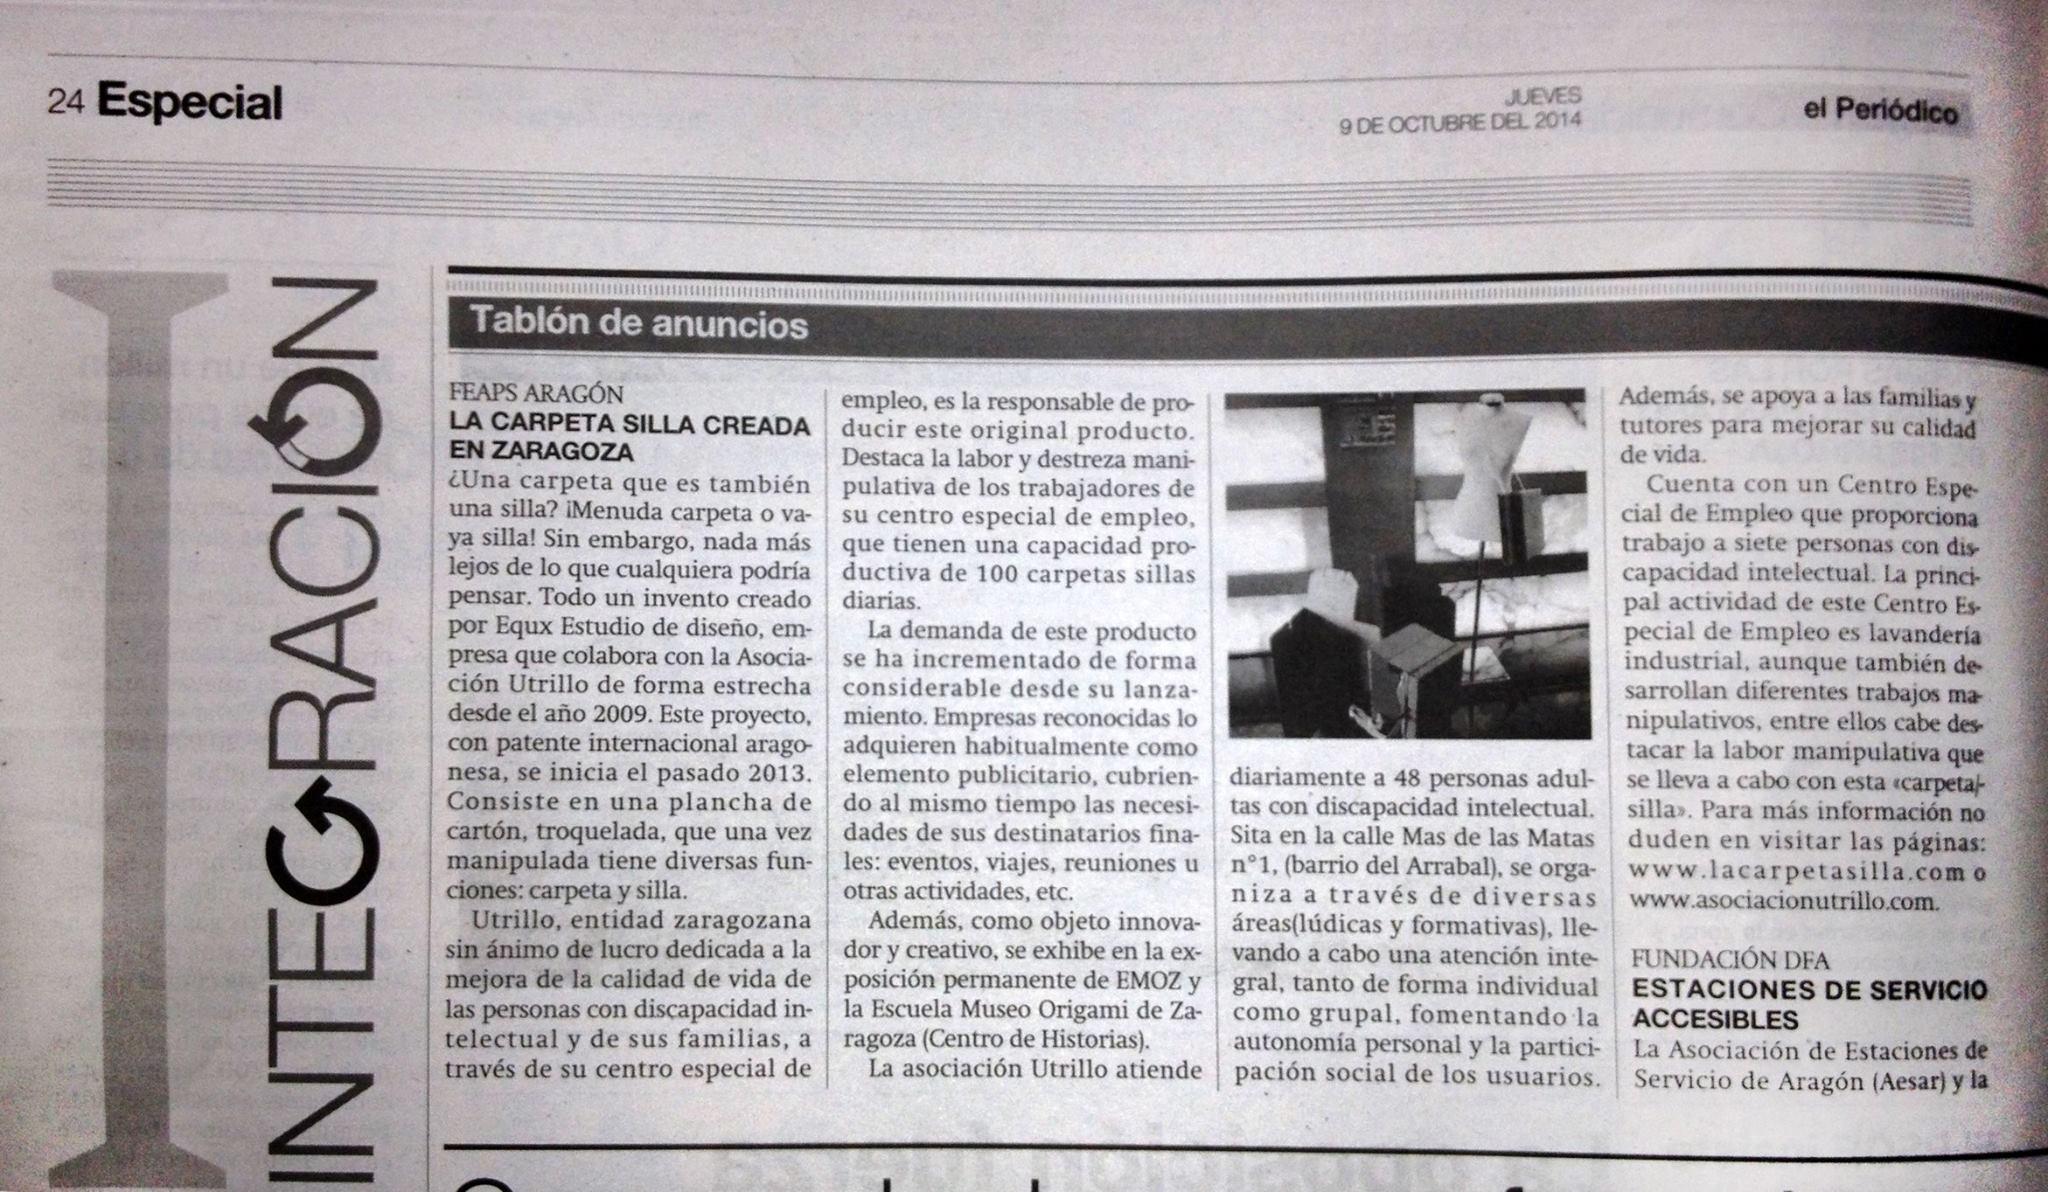 Artículo publicado en la edición especial de El Periódico de Aragón en el que hablan de la Carpeta/Silla y de La Asociación Utrillo.